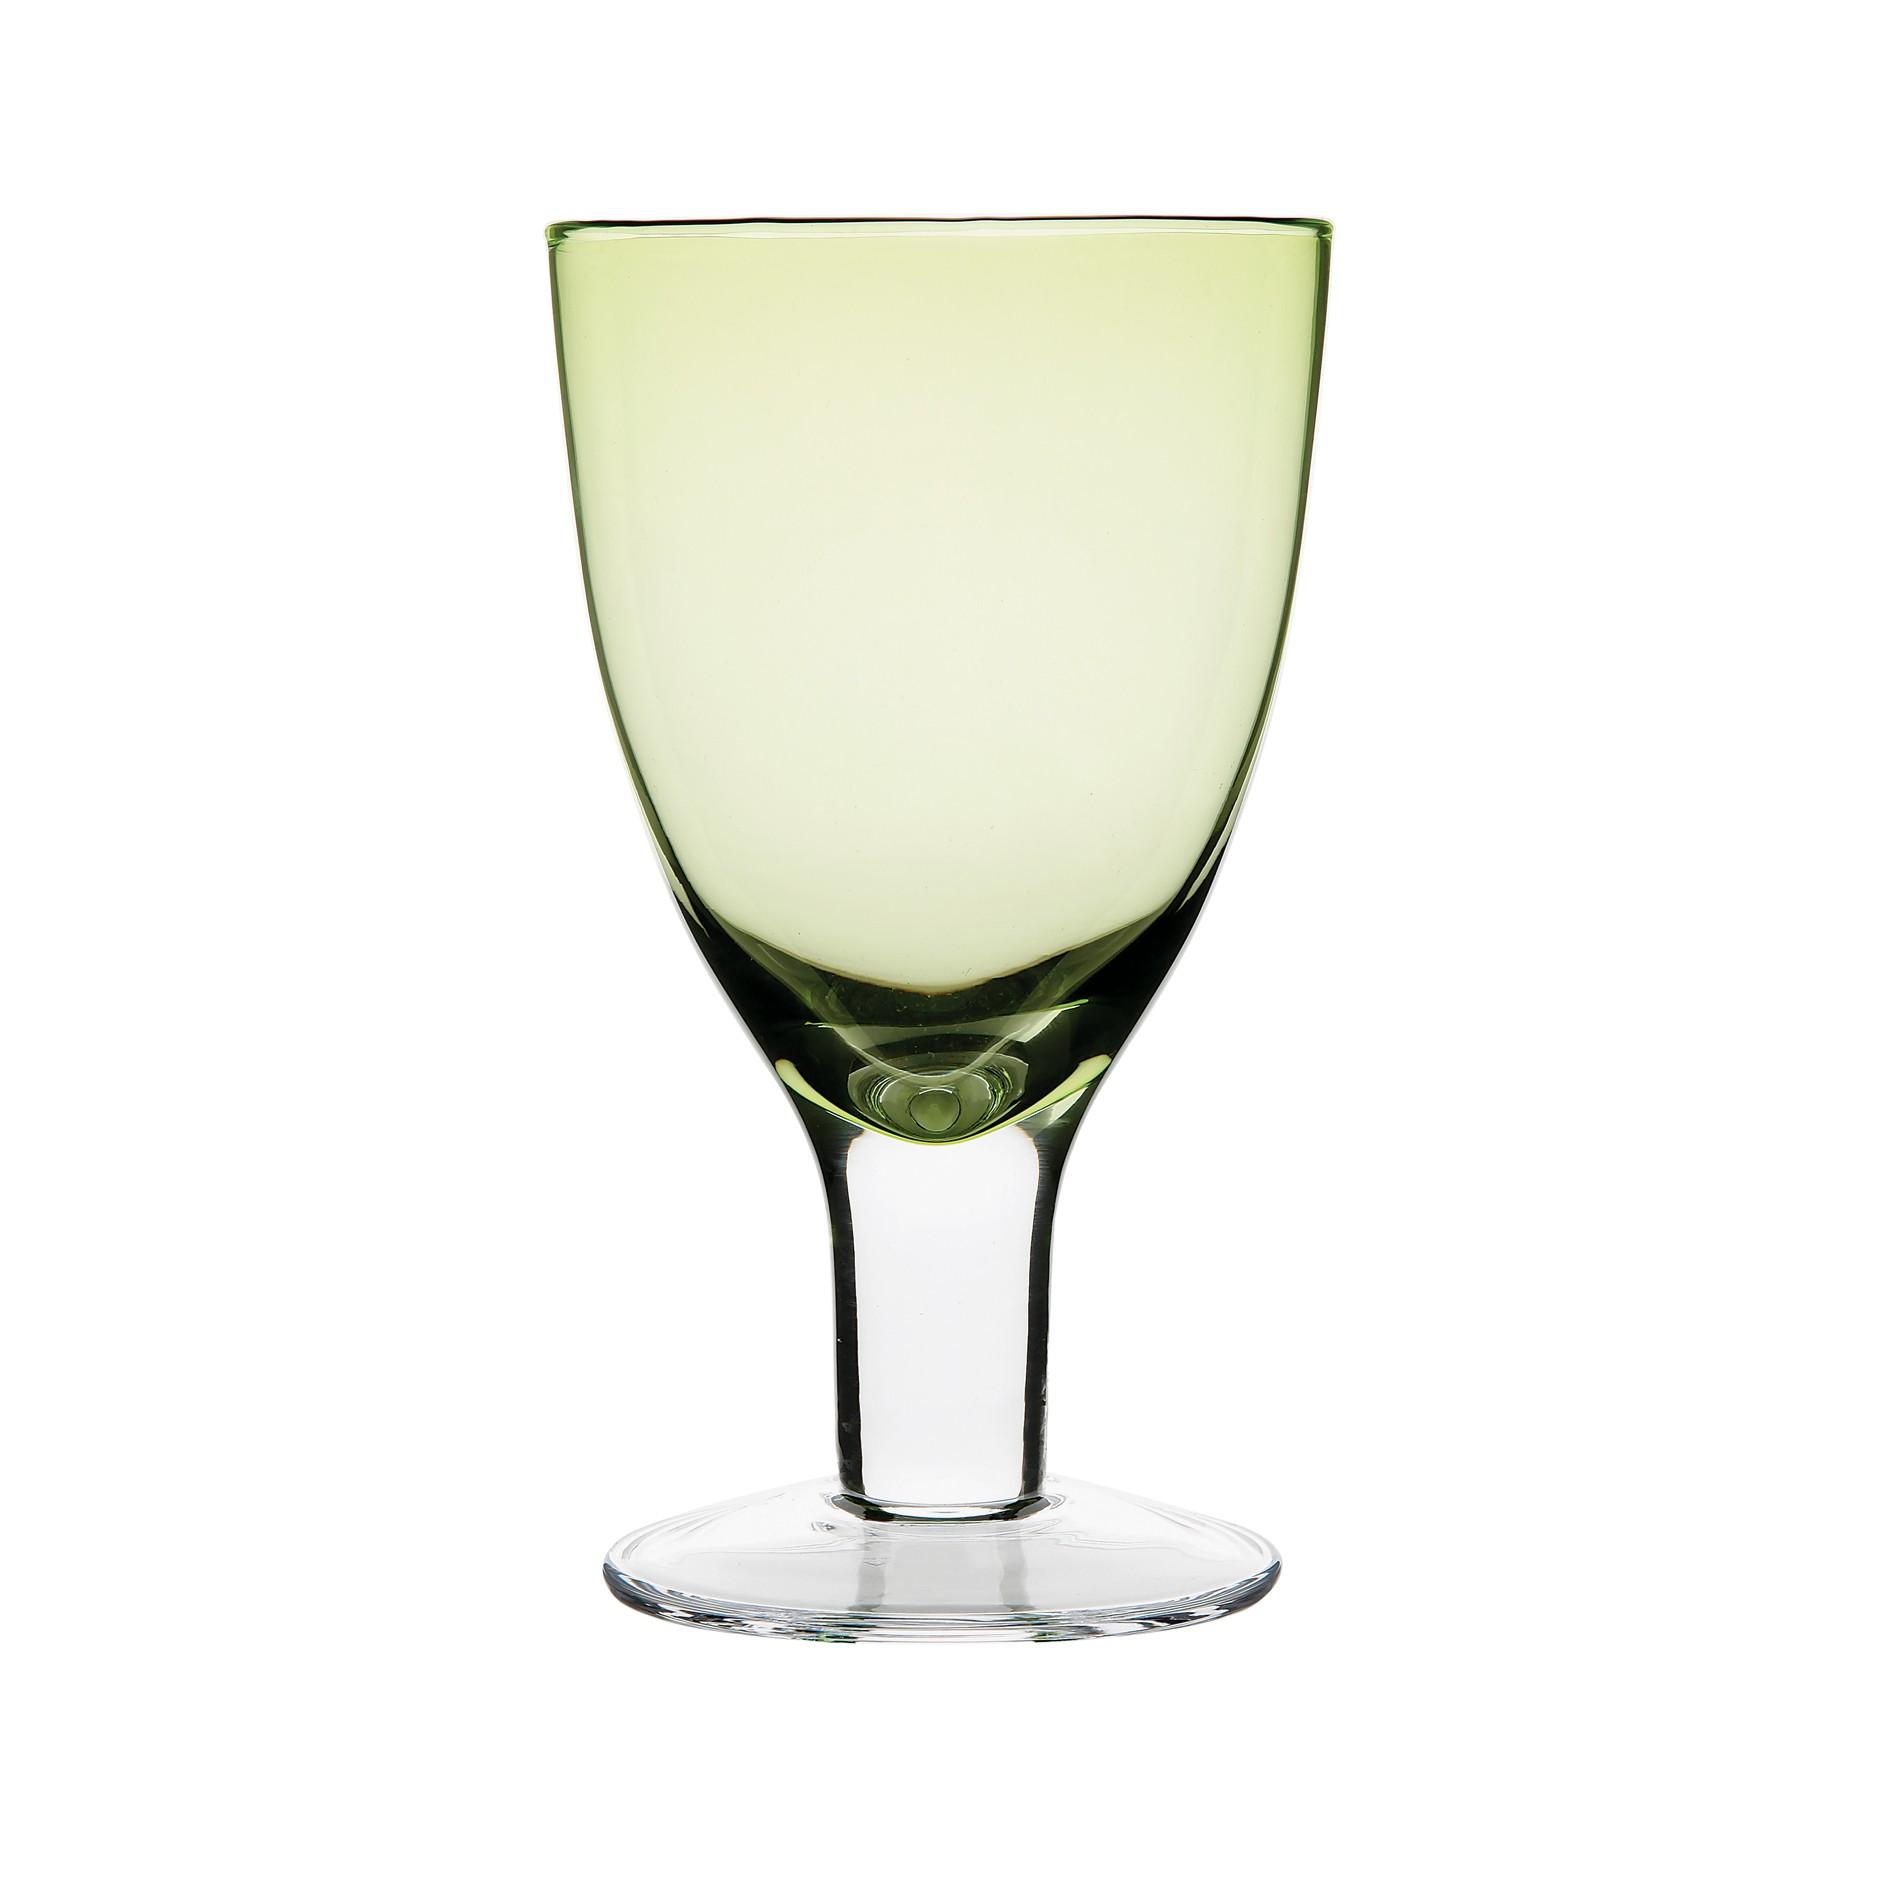 Ποτήρι Κρασιού Spring Σετ 6Τμχ Πράσινο 250ml Ionia home   ειδη σερβιρισματος   ποτήρια